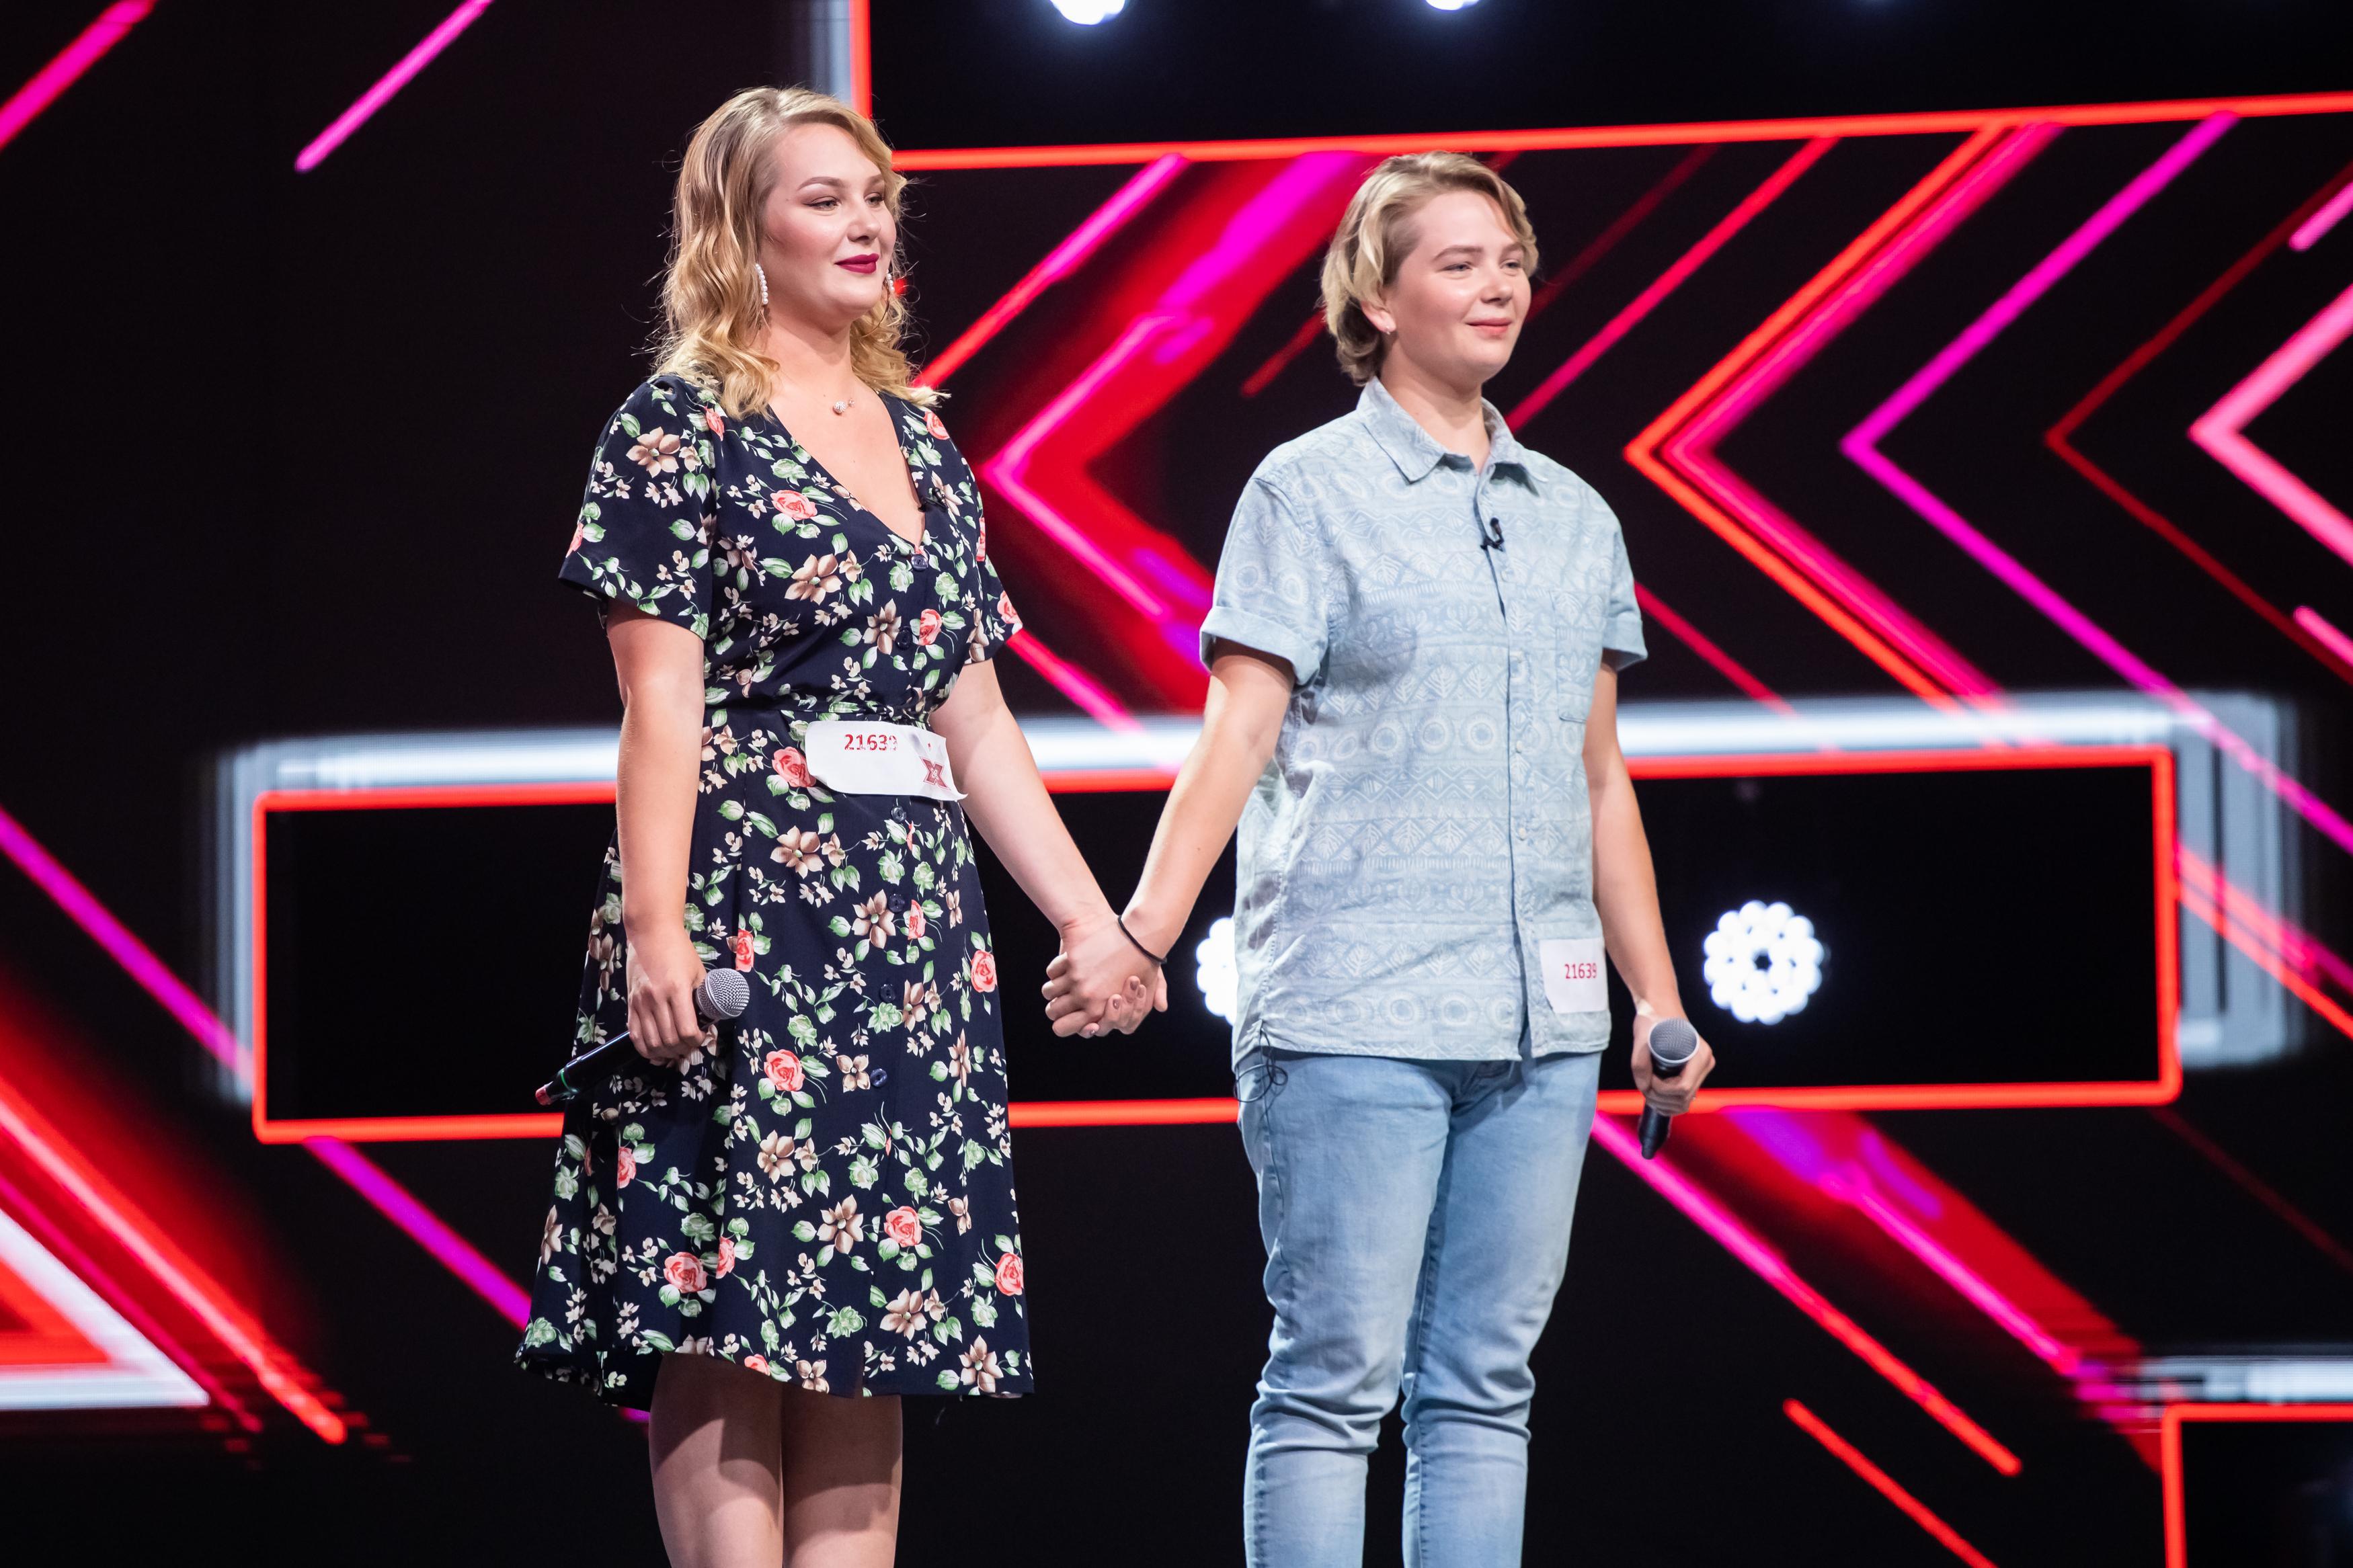 Diana și Ioana Conta, prima dată pe o scenă atât de mare. Interpretarea care le-a trimis direct în Bootcamp